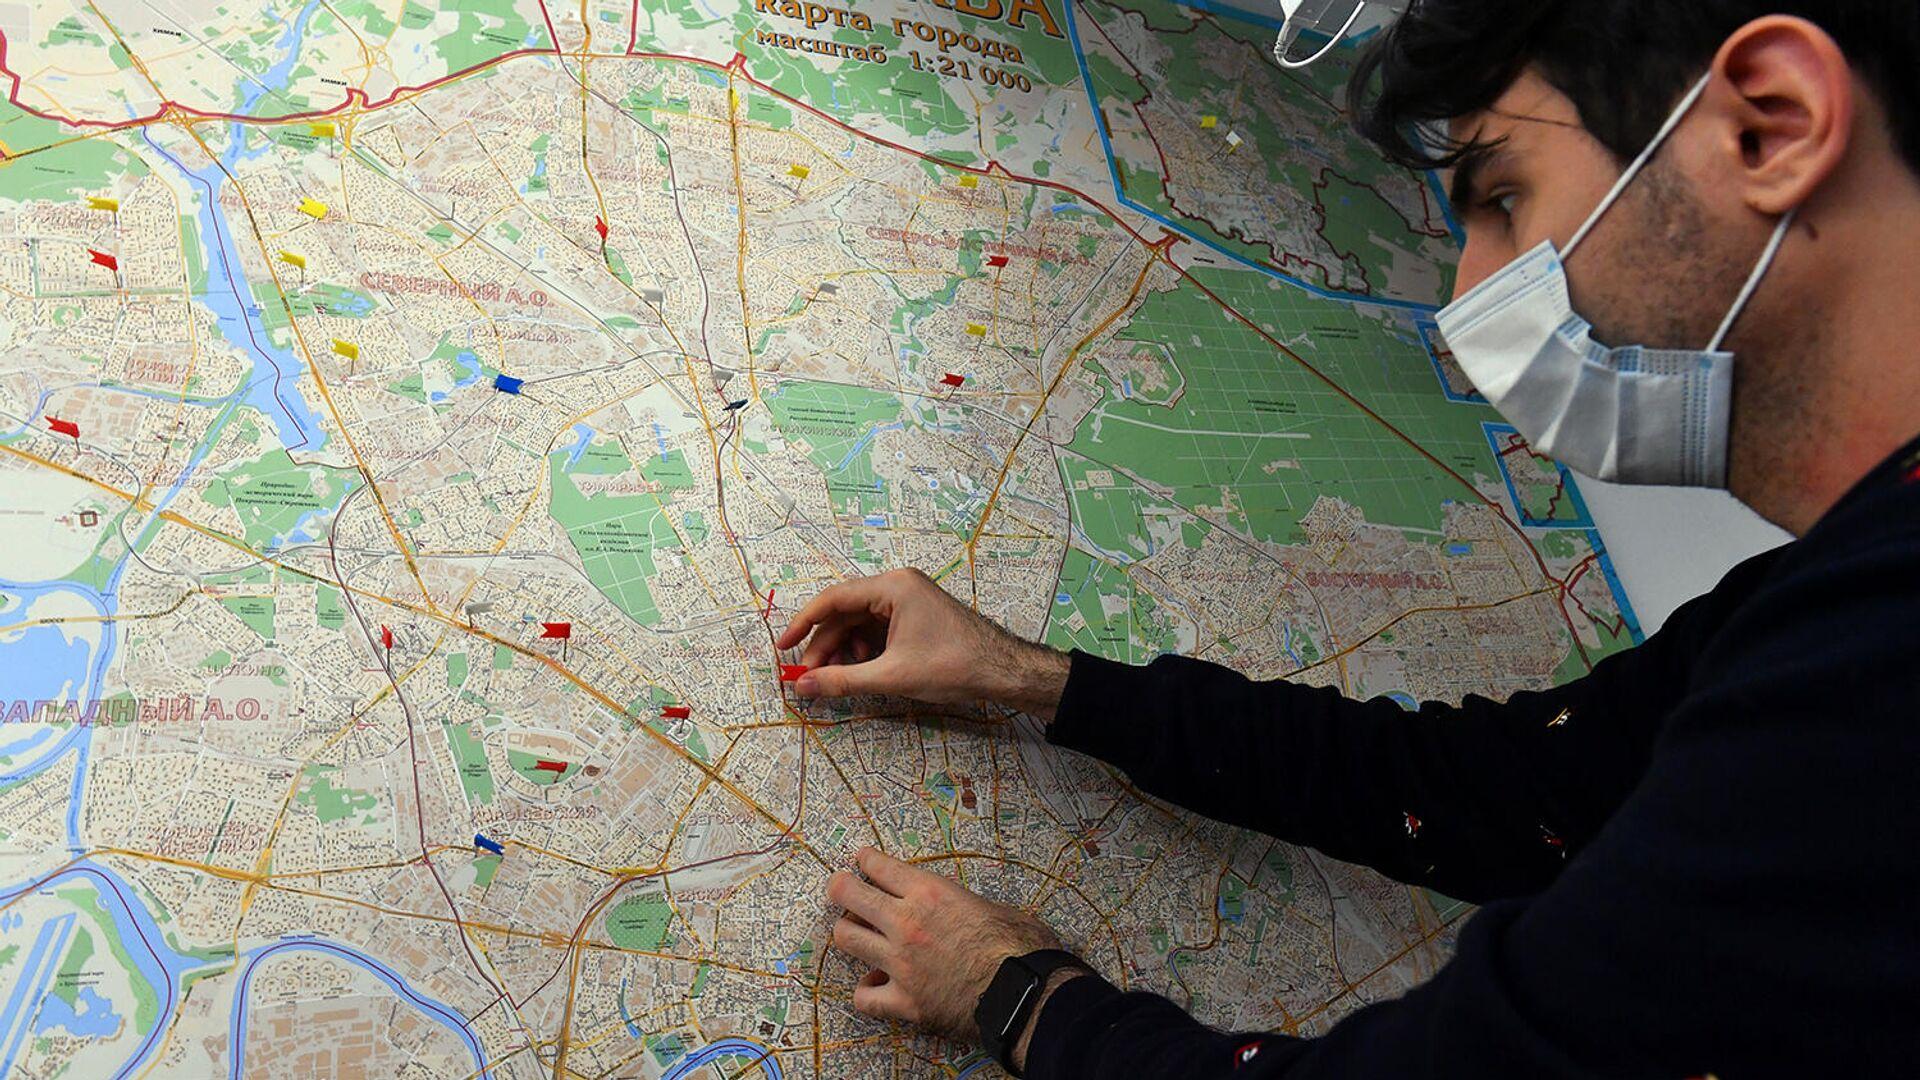 Волонтер акции #МыВместе размечает карту маршрутов для оказания помощи пожилым людям - РИА Новости, 1920, 27.10.2020